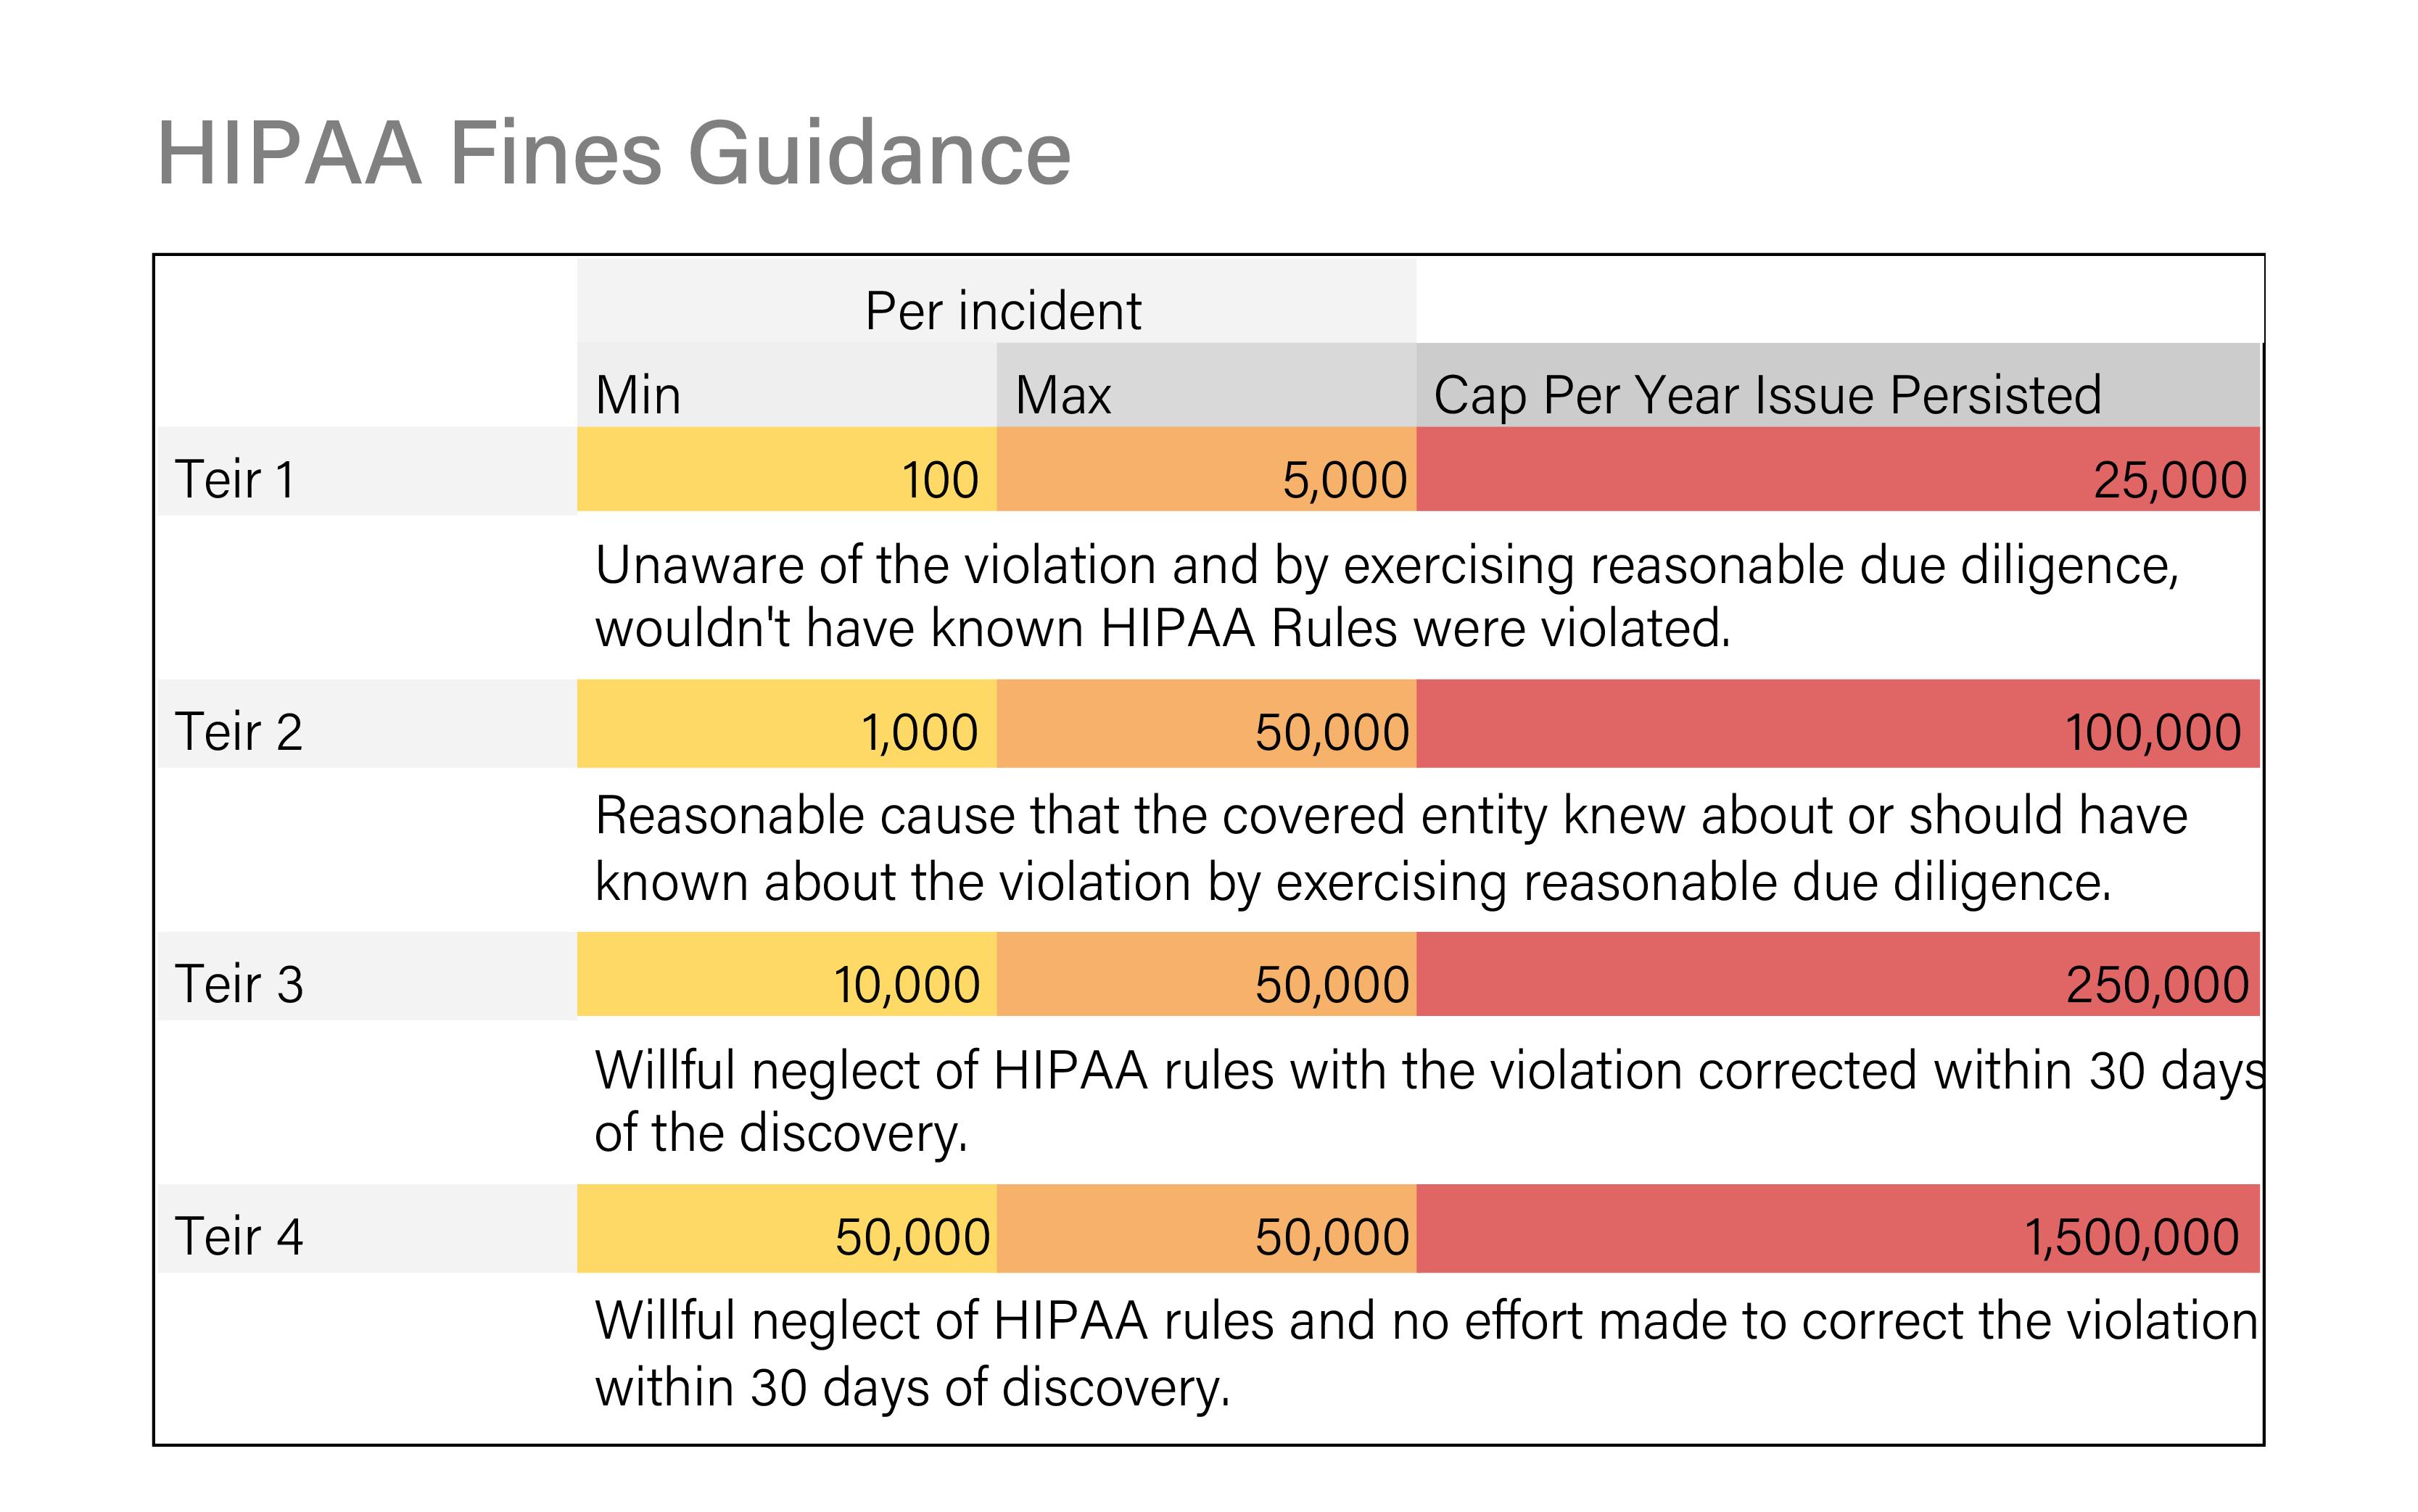 HIPAA Fines Guidance